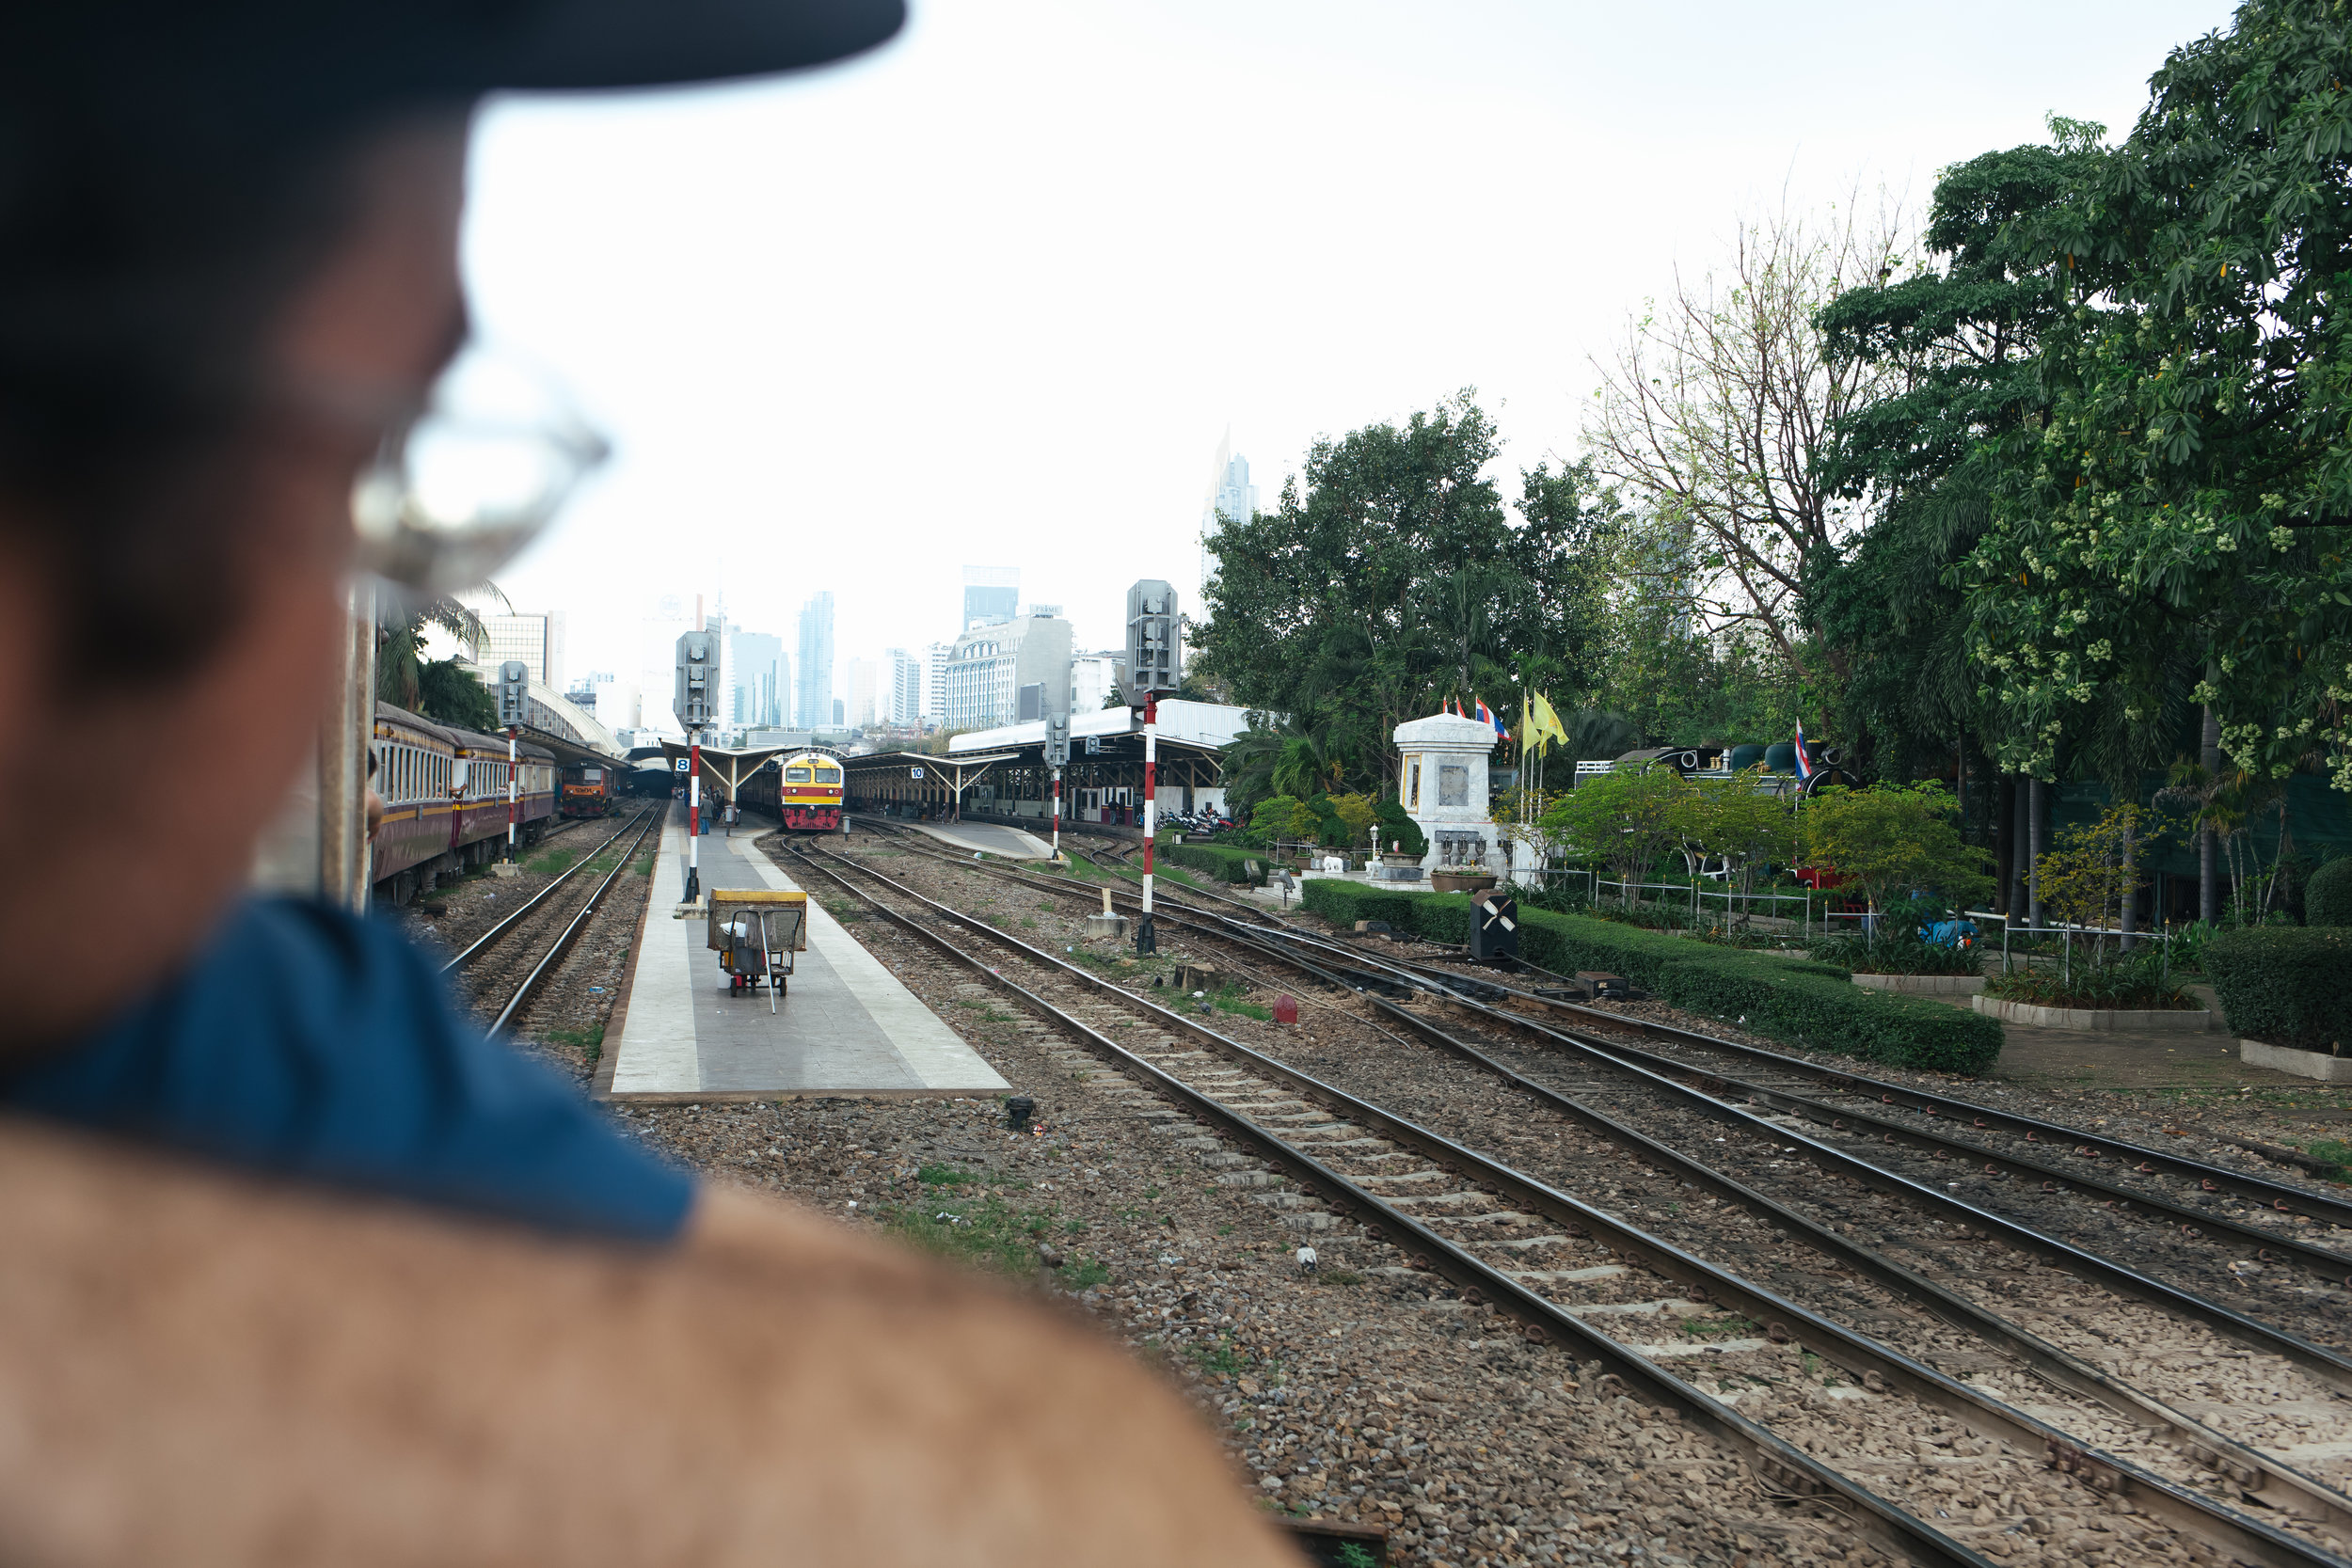 thailand_lampang_ayuthaya_train (66 of 77).jpg